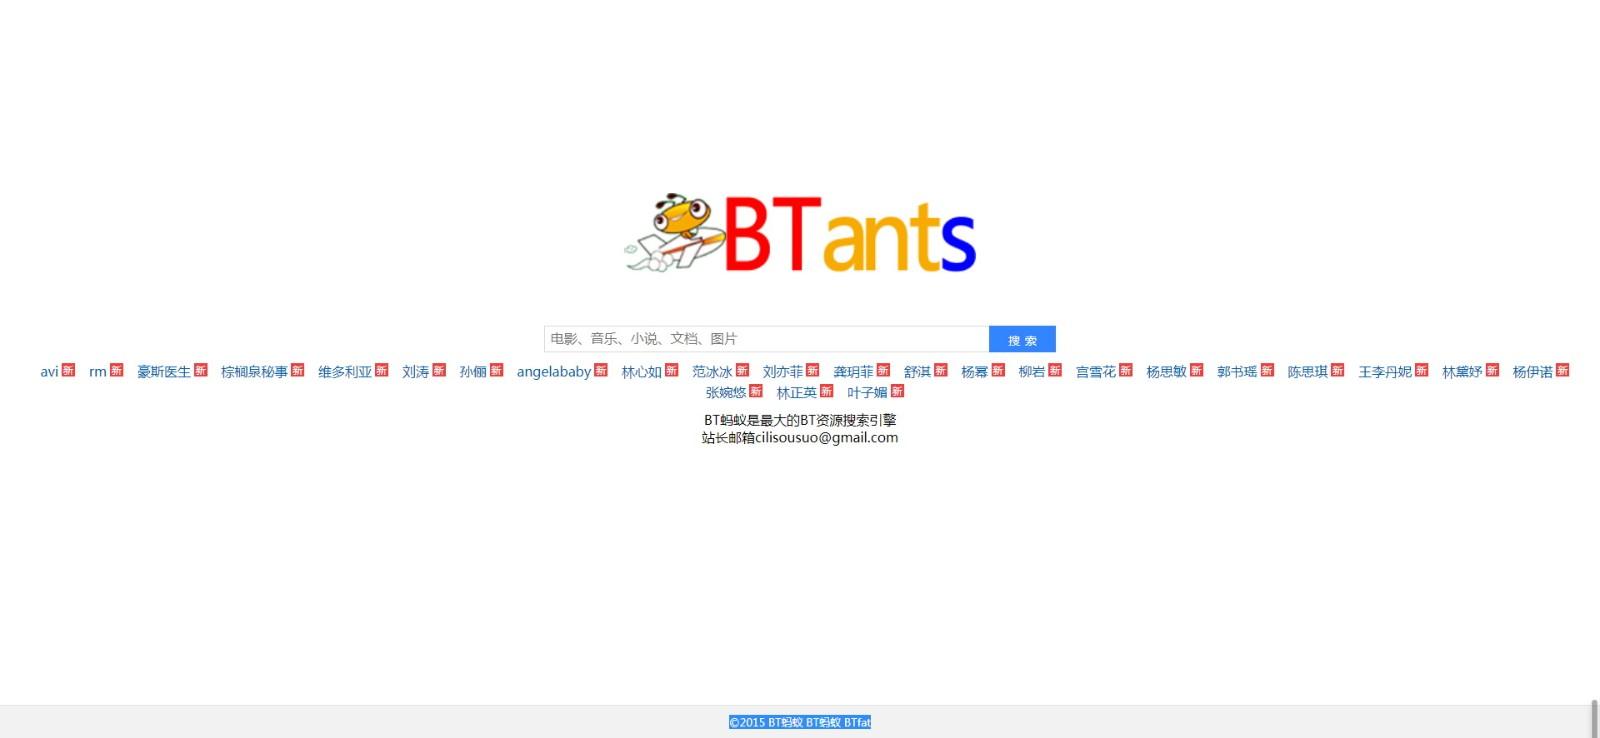 bt搜索引擎蚂蚁下载地址